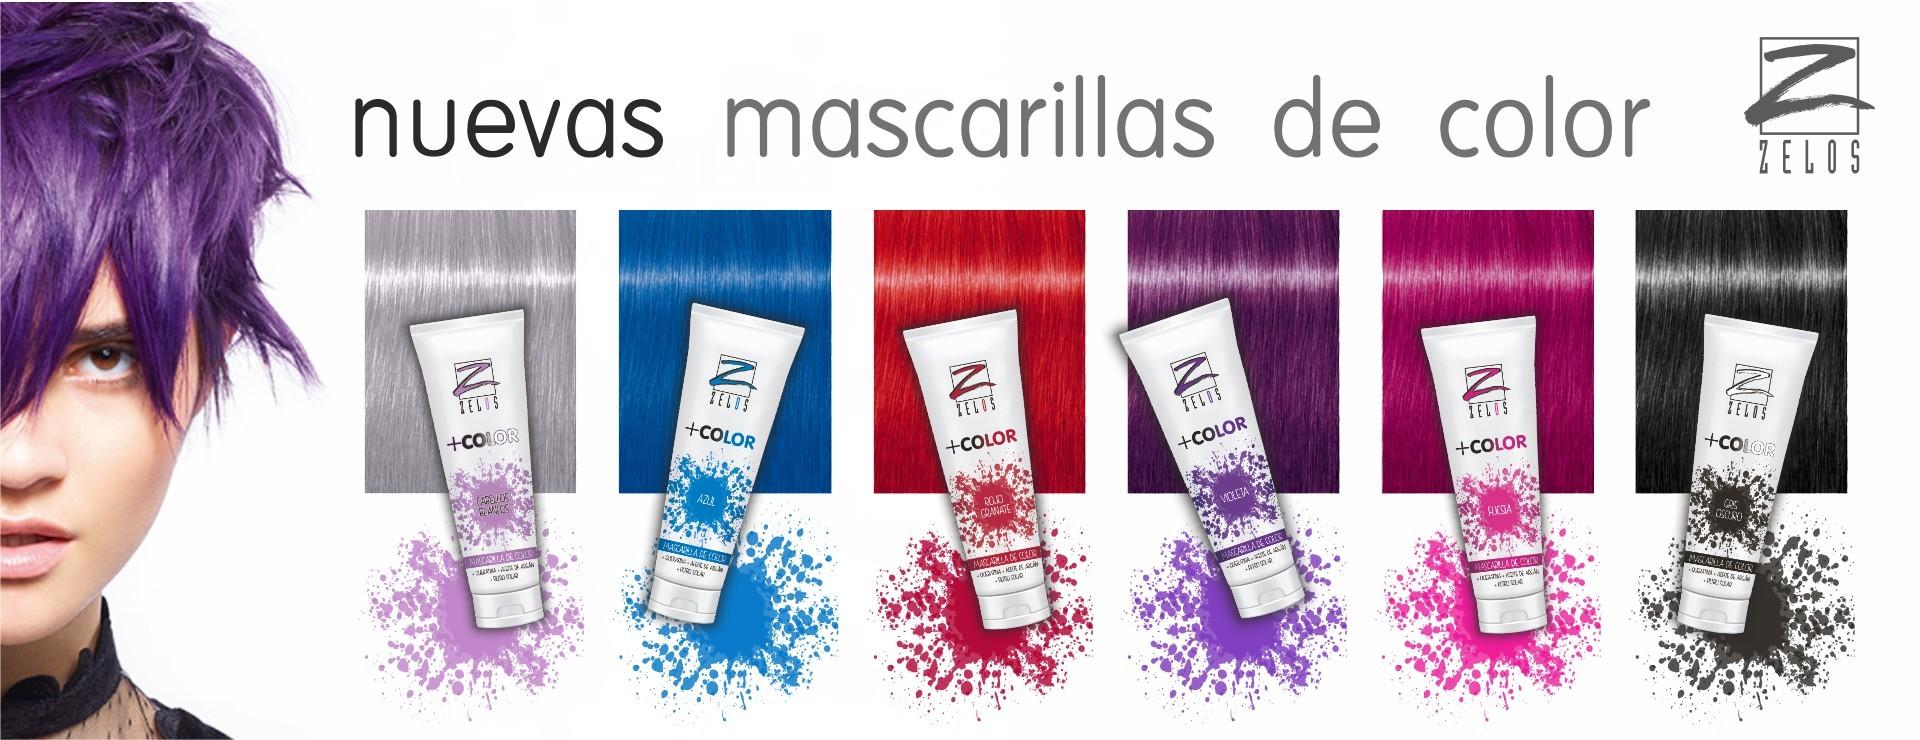 9012d97317e Mascarillas de Color Zelos +Color